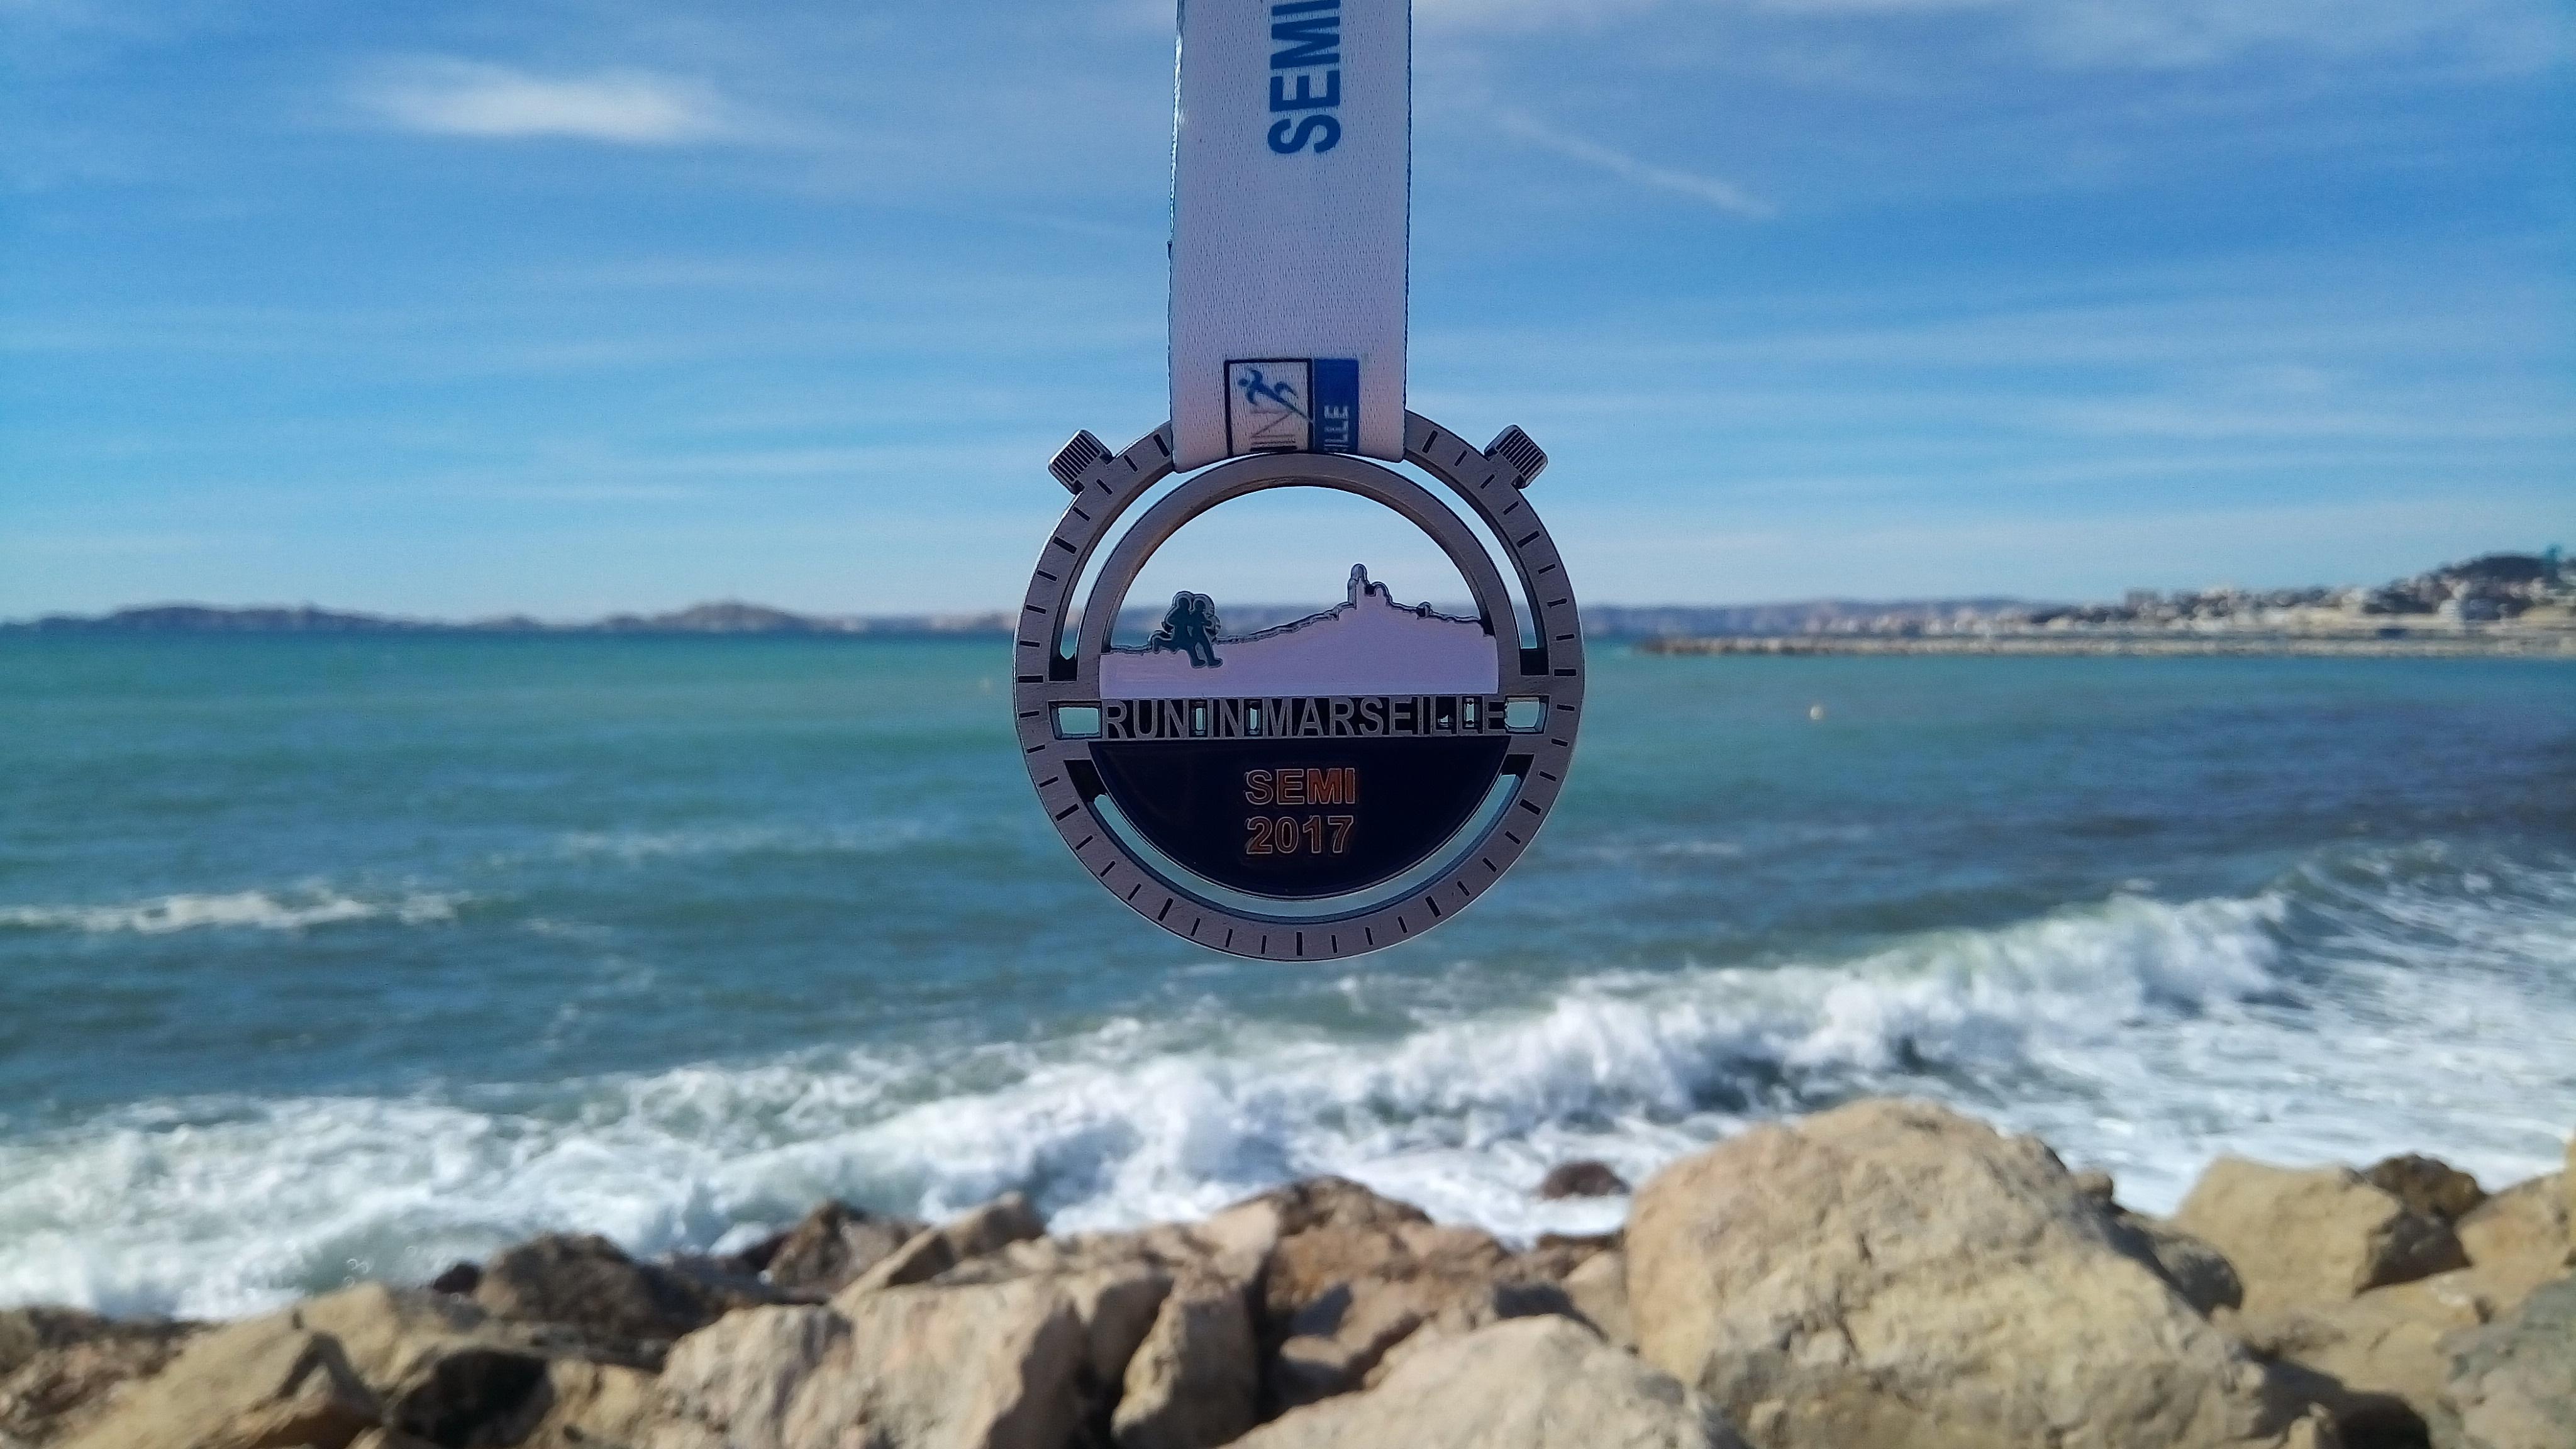 Histoire d'une course #15 : le Run In Marseille du Bouquetin